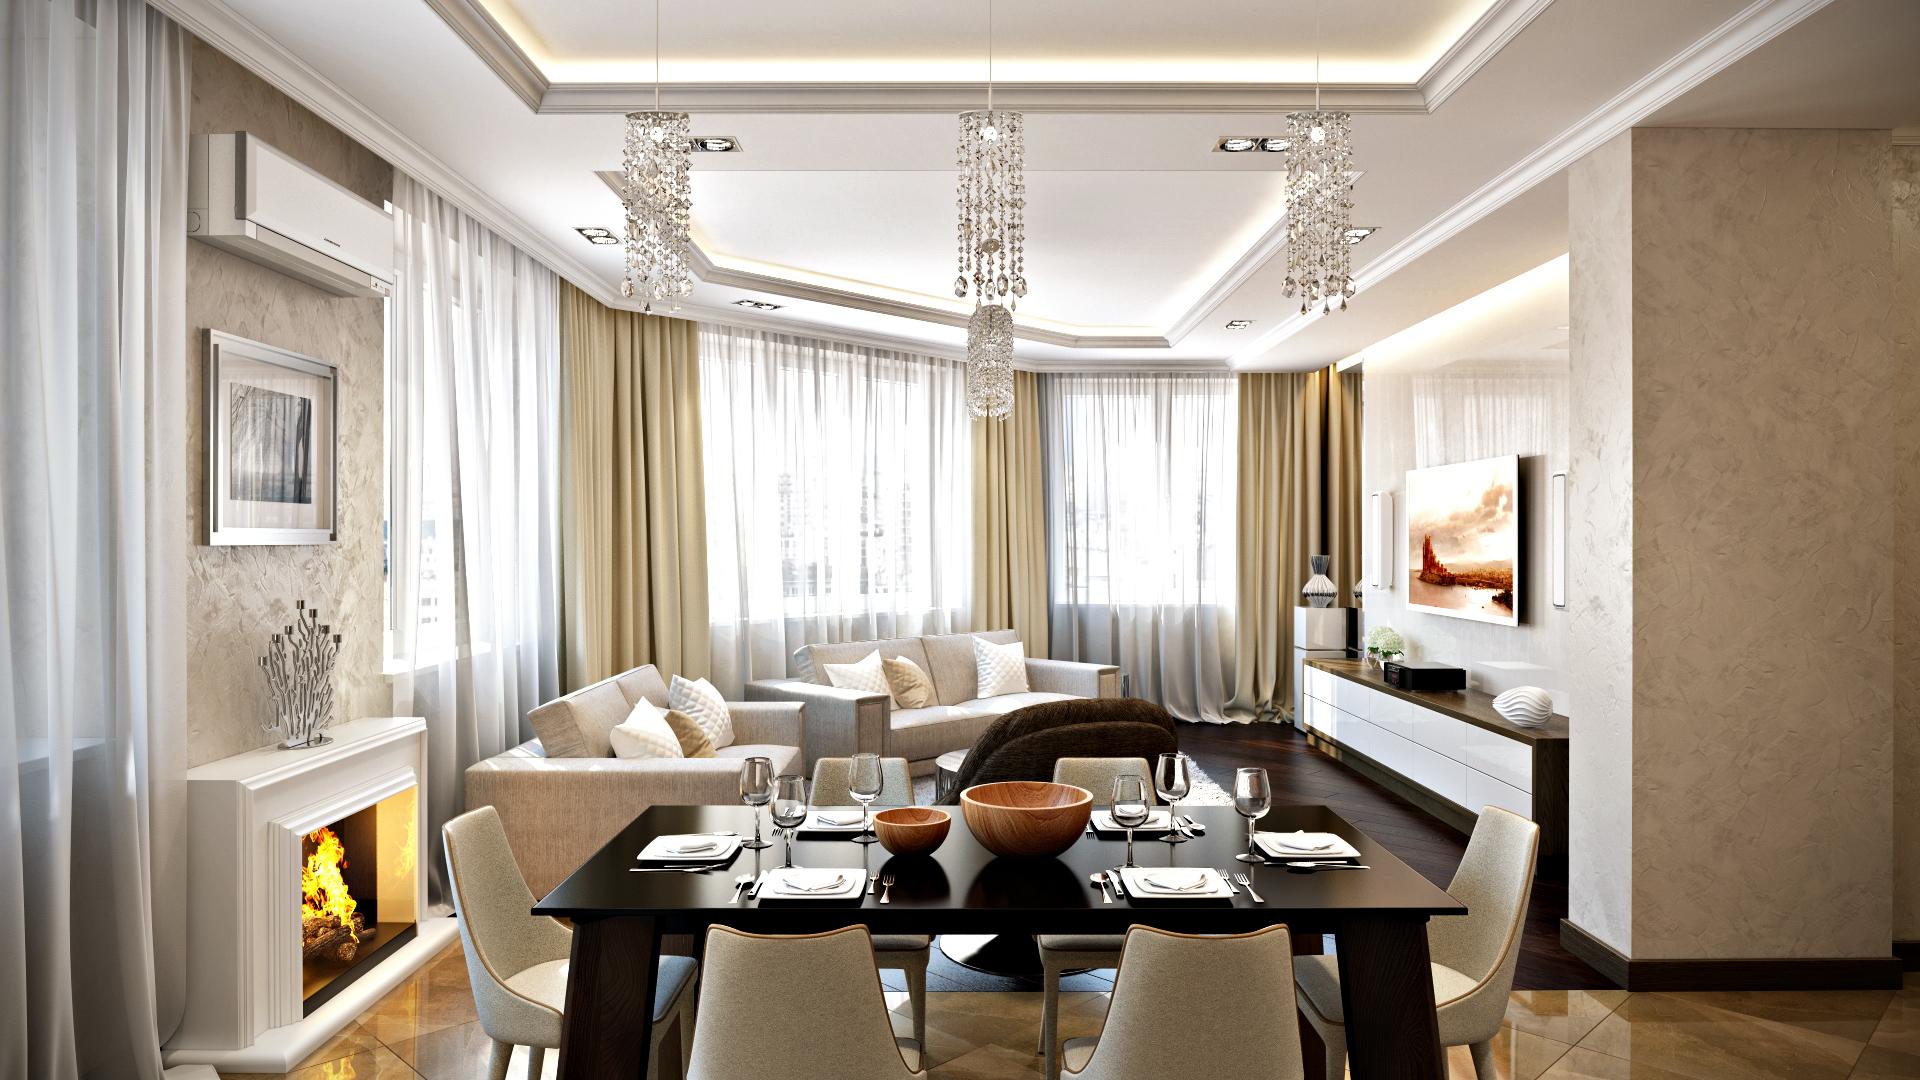 Дизайн элегантной квартиры в светлых тонах